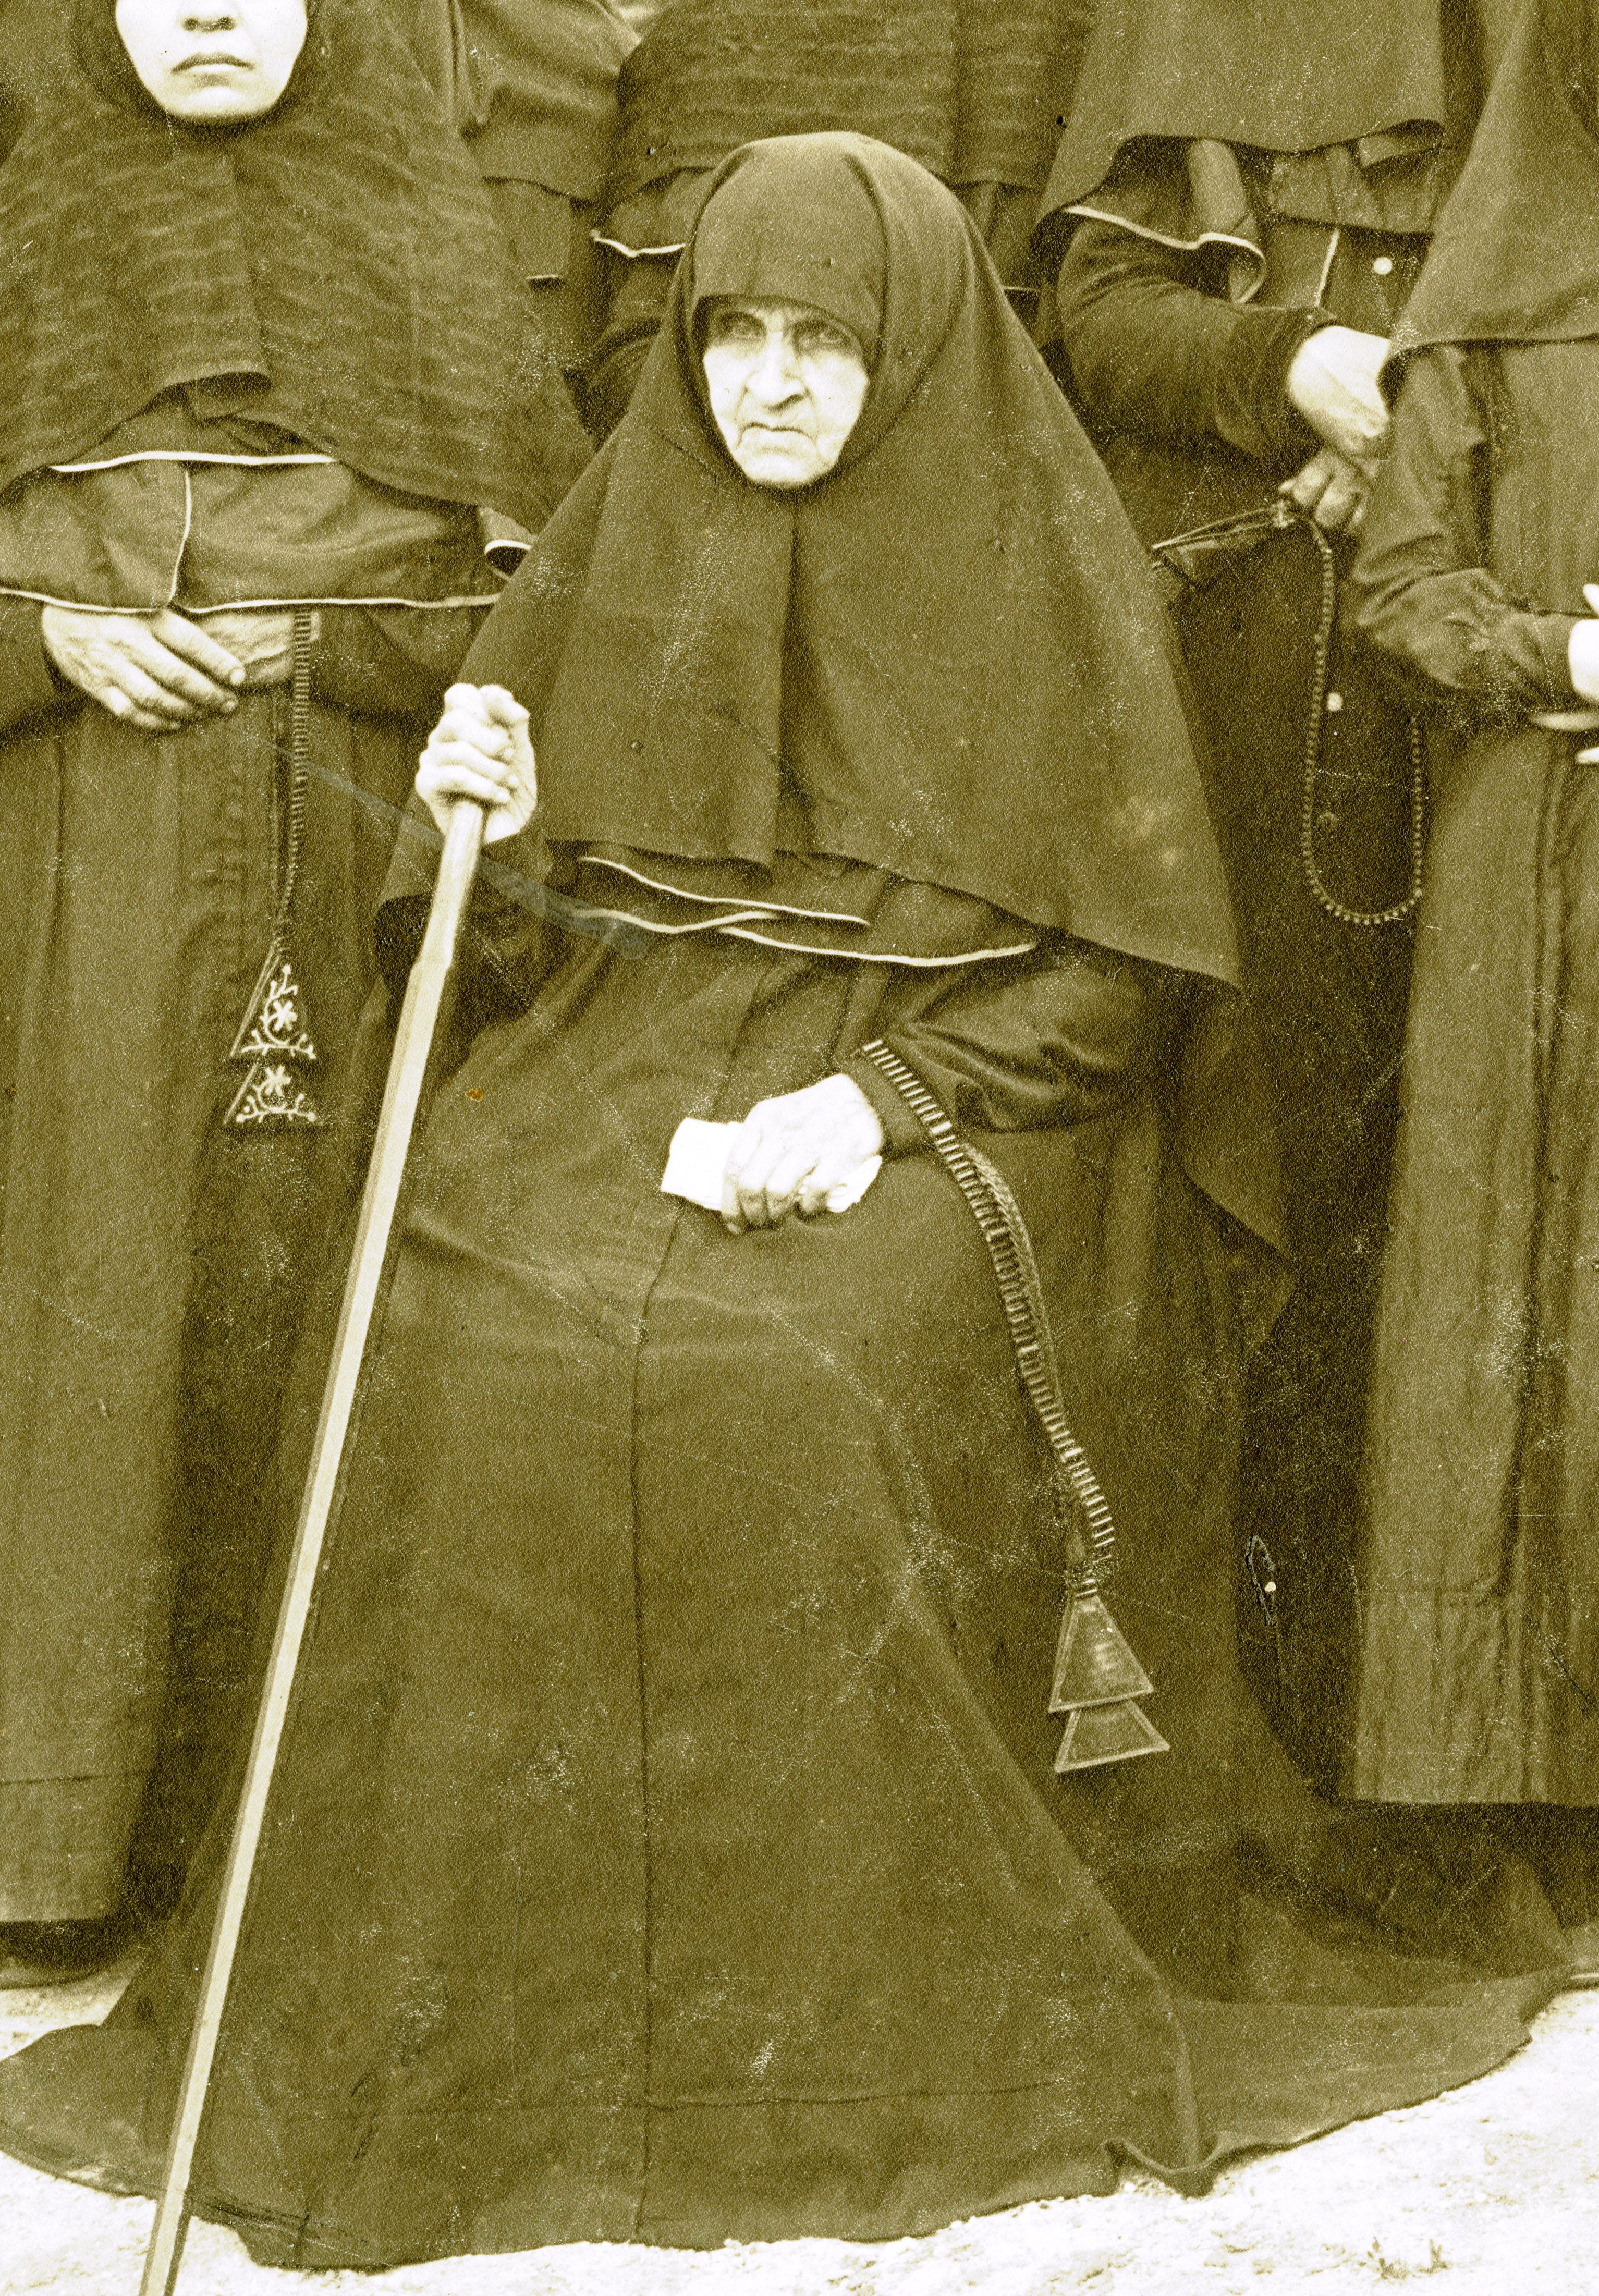 Инокиня Фелицата, строительница Введенского монастыря. Фото нач. ХХ в.